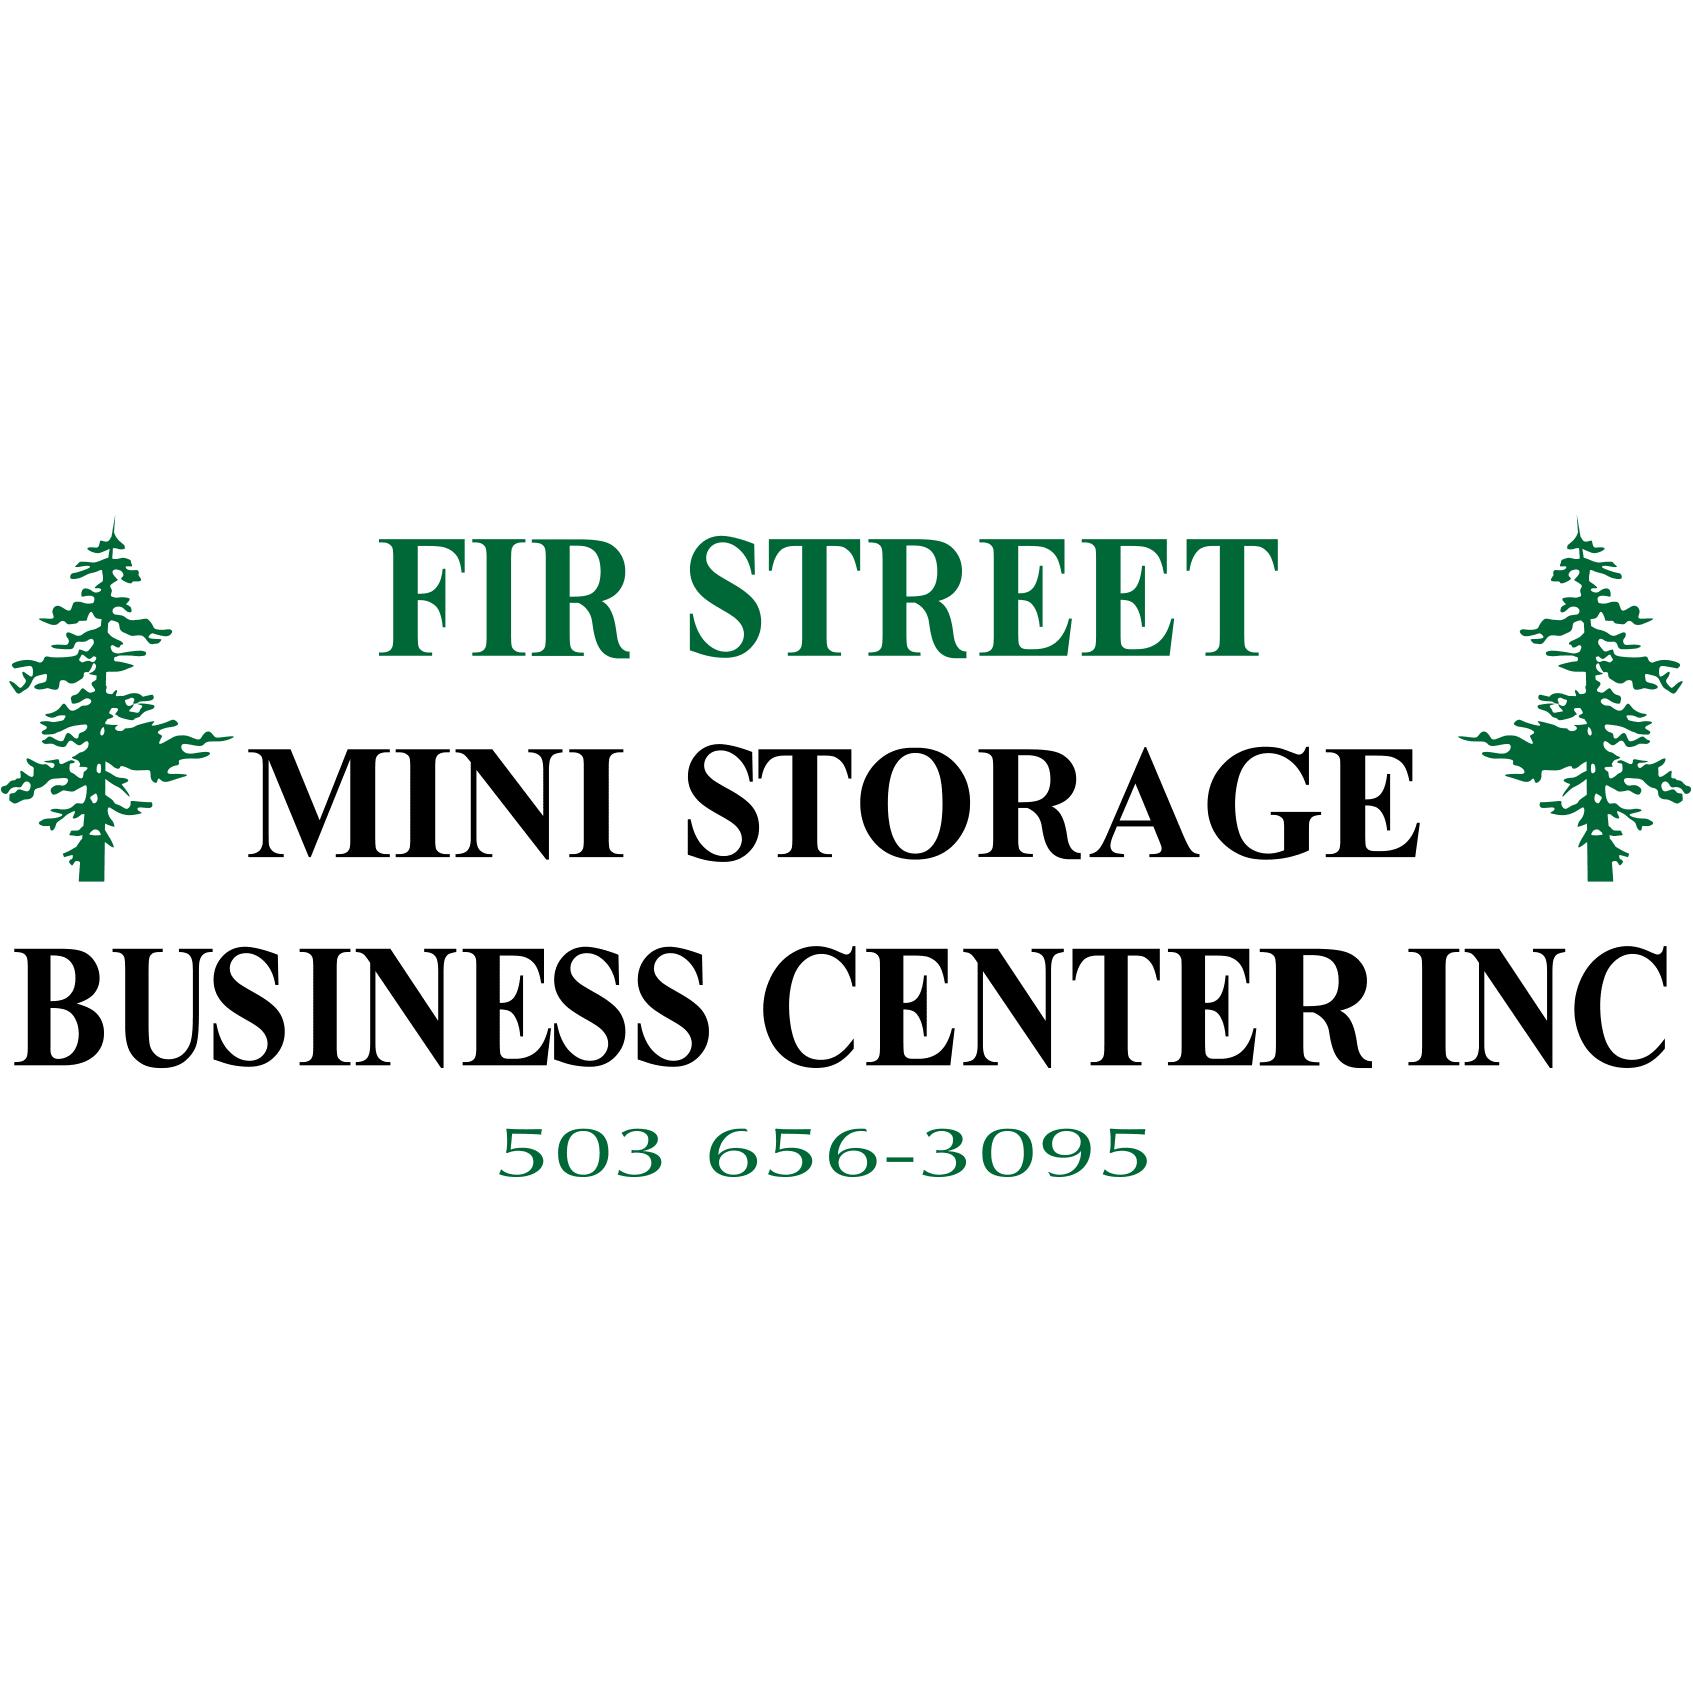 Fir Street Mini Storage